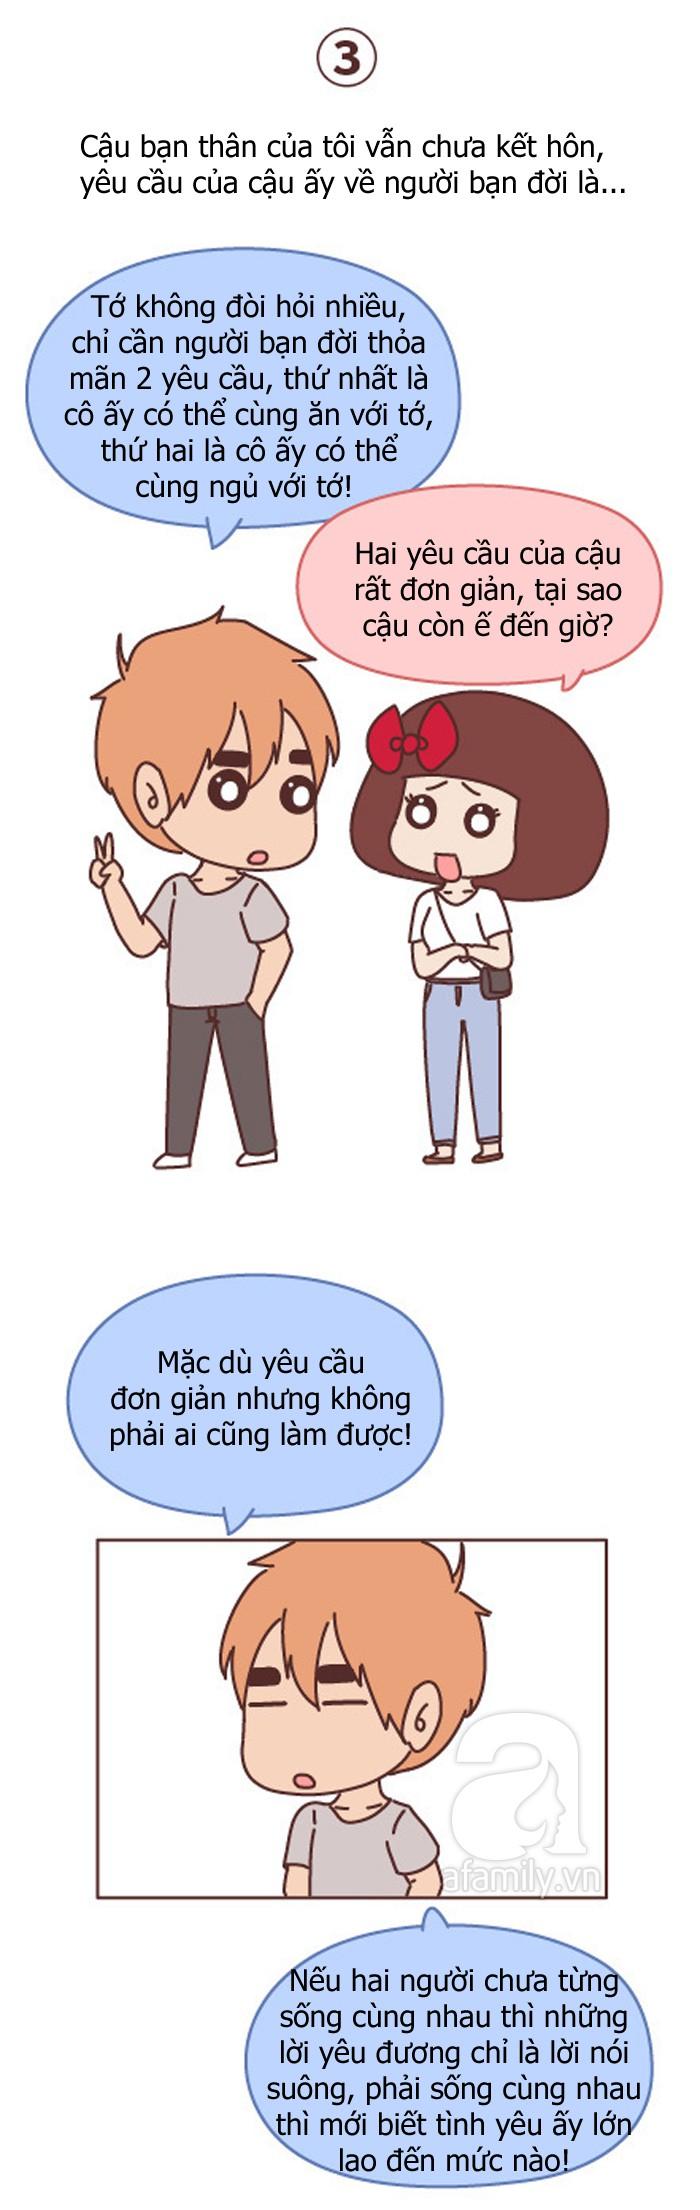 Truyện tranh: Vợ chồng đừng đổ lỗi cho không hòa hợp, chỉ là bạn có dám thỏa hiệp và nhường nhịn hay không thôi - Ảnh 5.